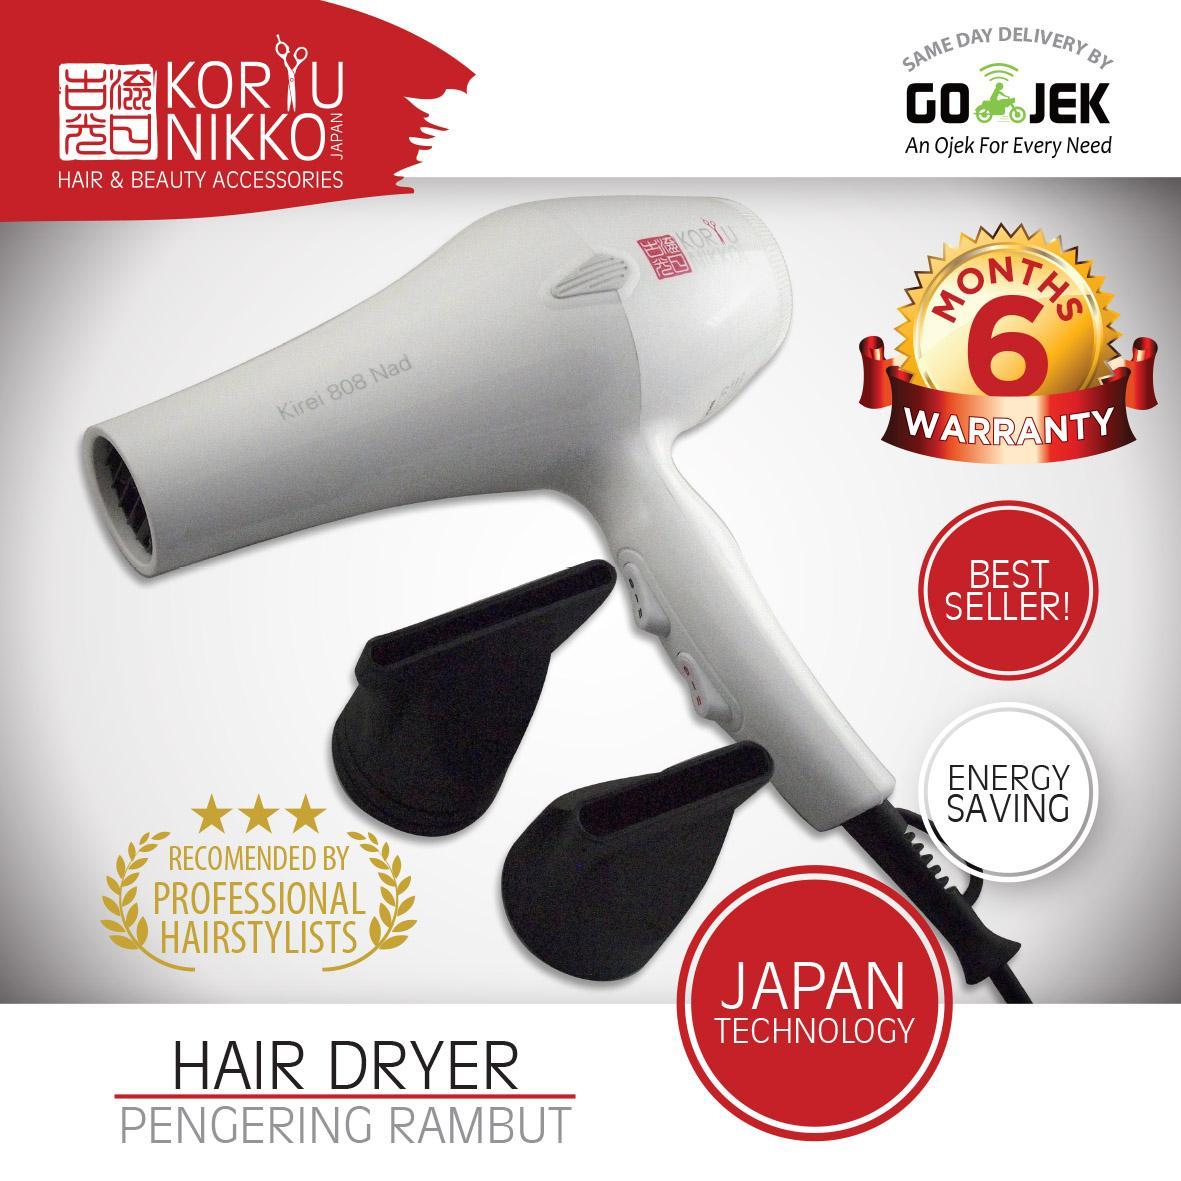 Koryu Nikko Hair Dryer - Kireii Nad 808 - 1500 watt - Putih